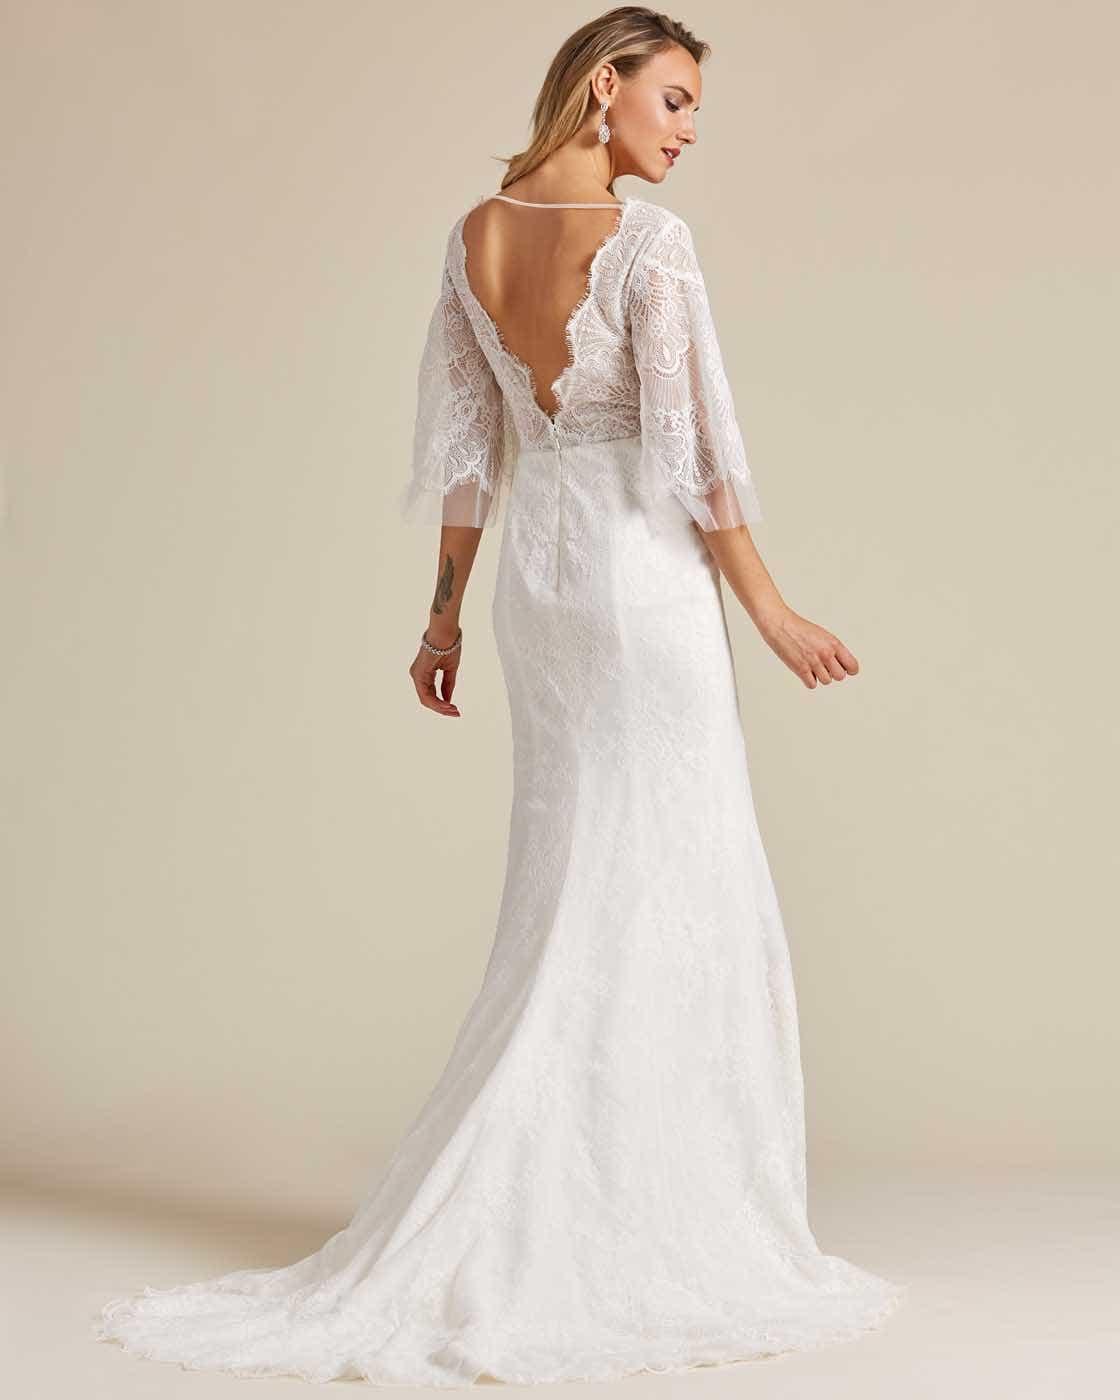 White Bell Sleeves Fishtail Wedding Dress - Back